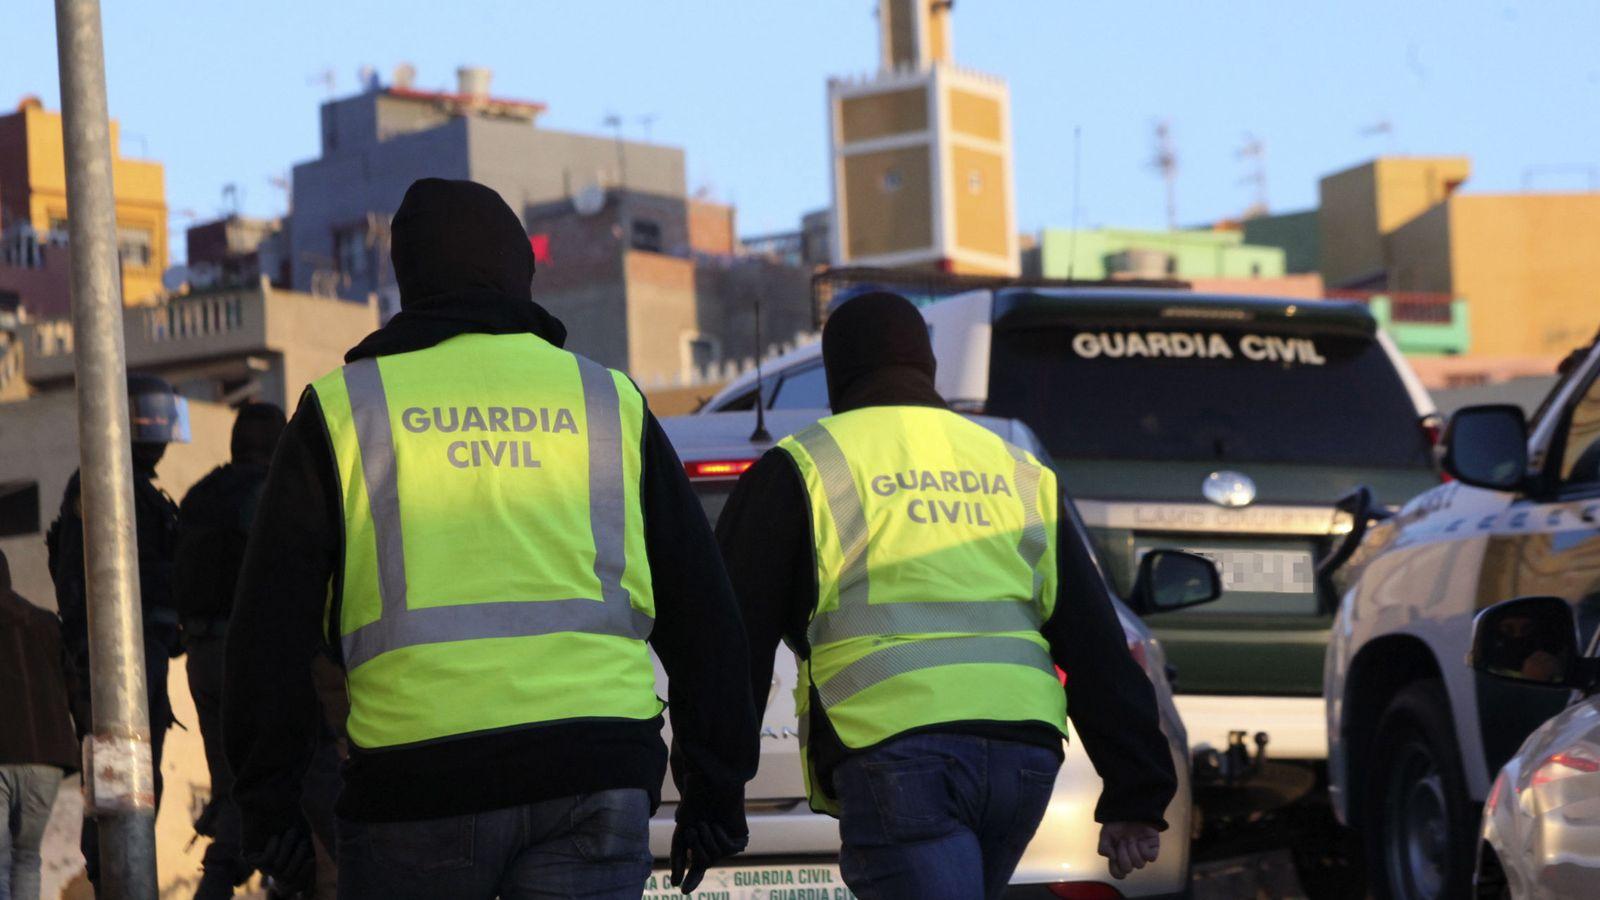 Foto: La Guardia Civil, durante una operación contra el yihadismo en la barriada del Príncipe, en Ceuta. (EFE)